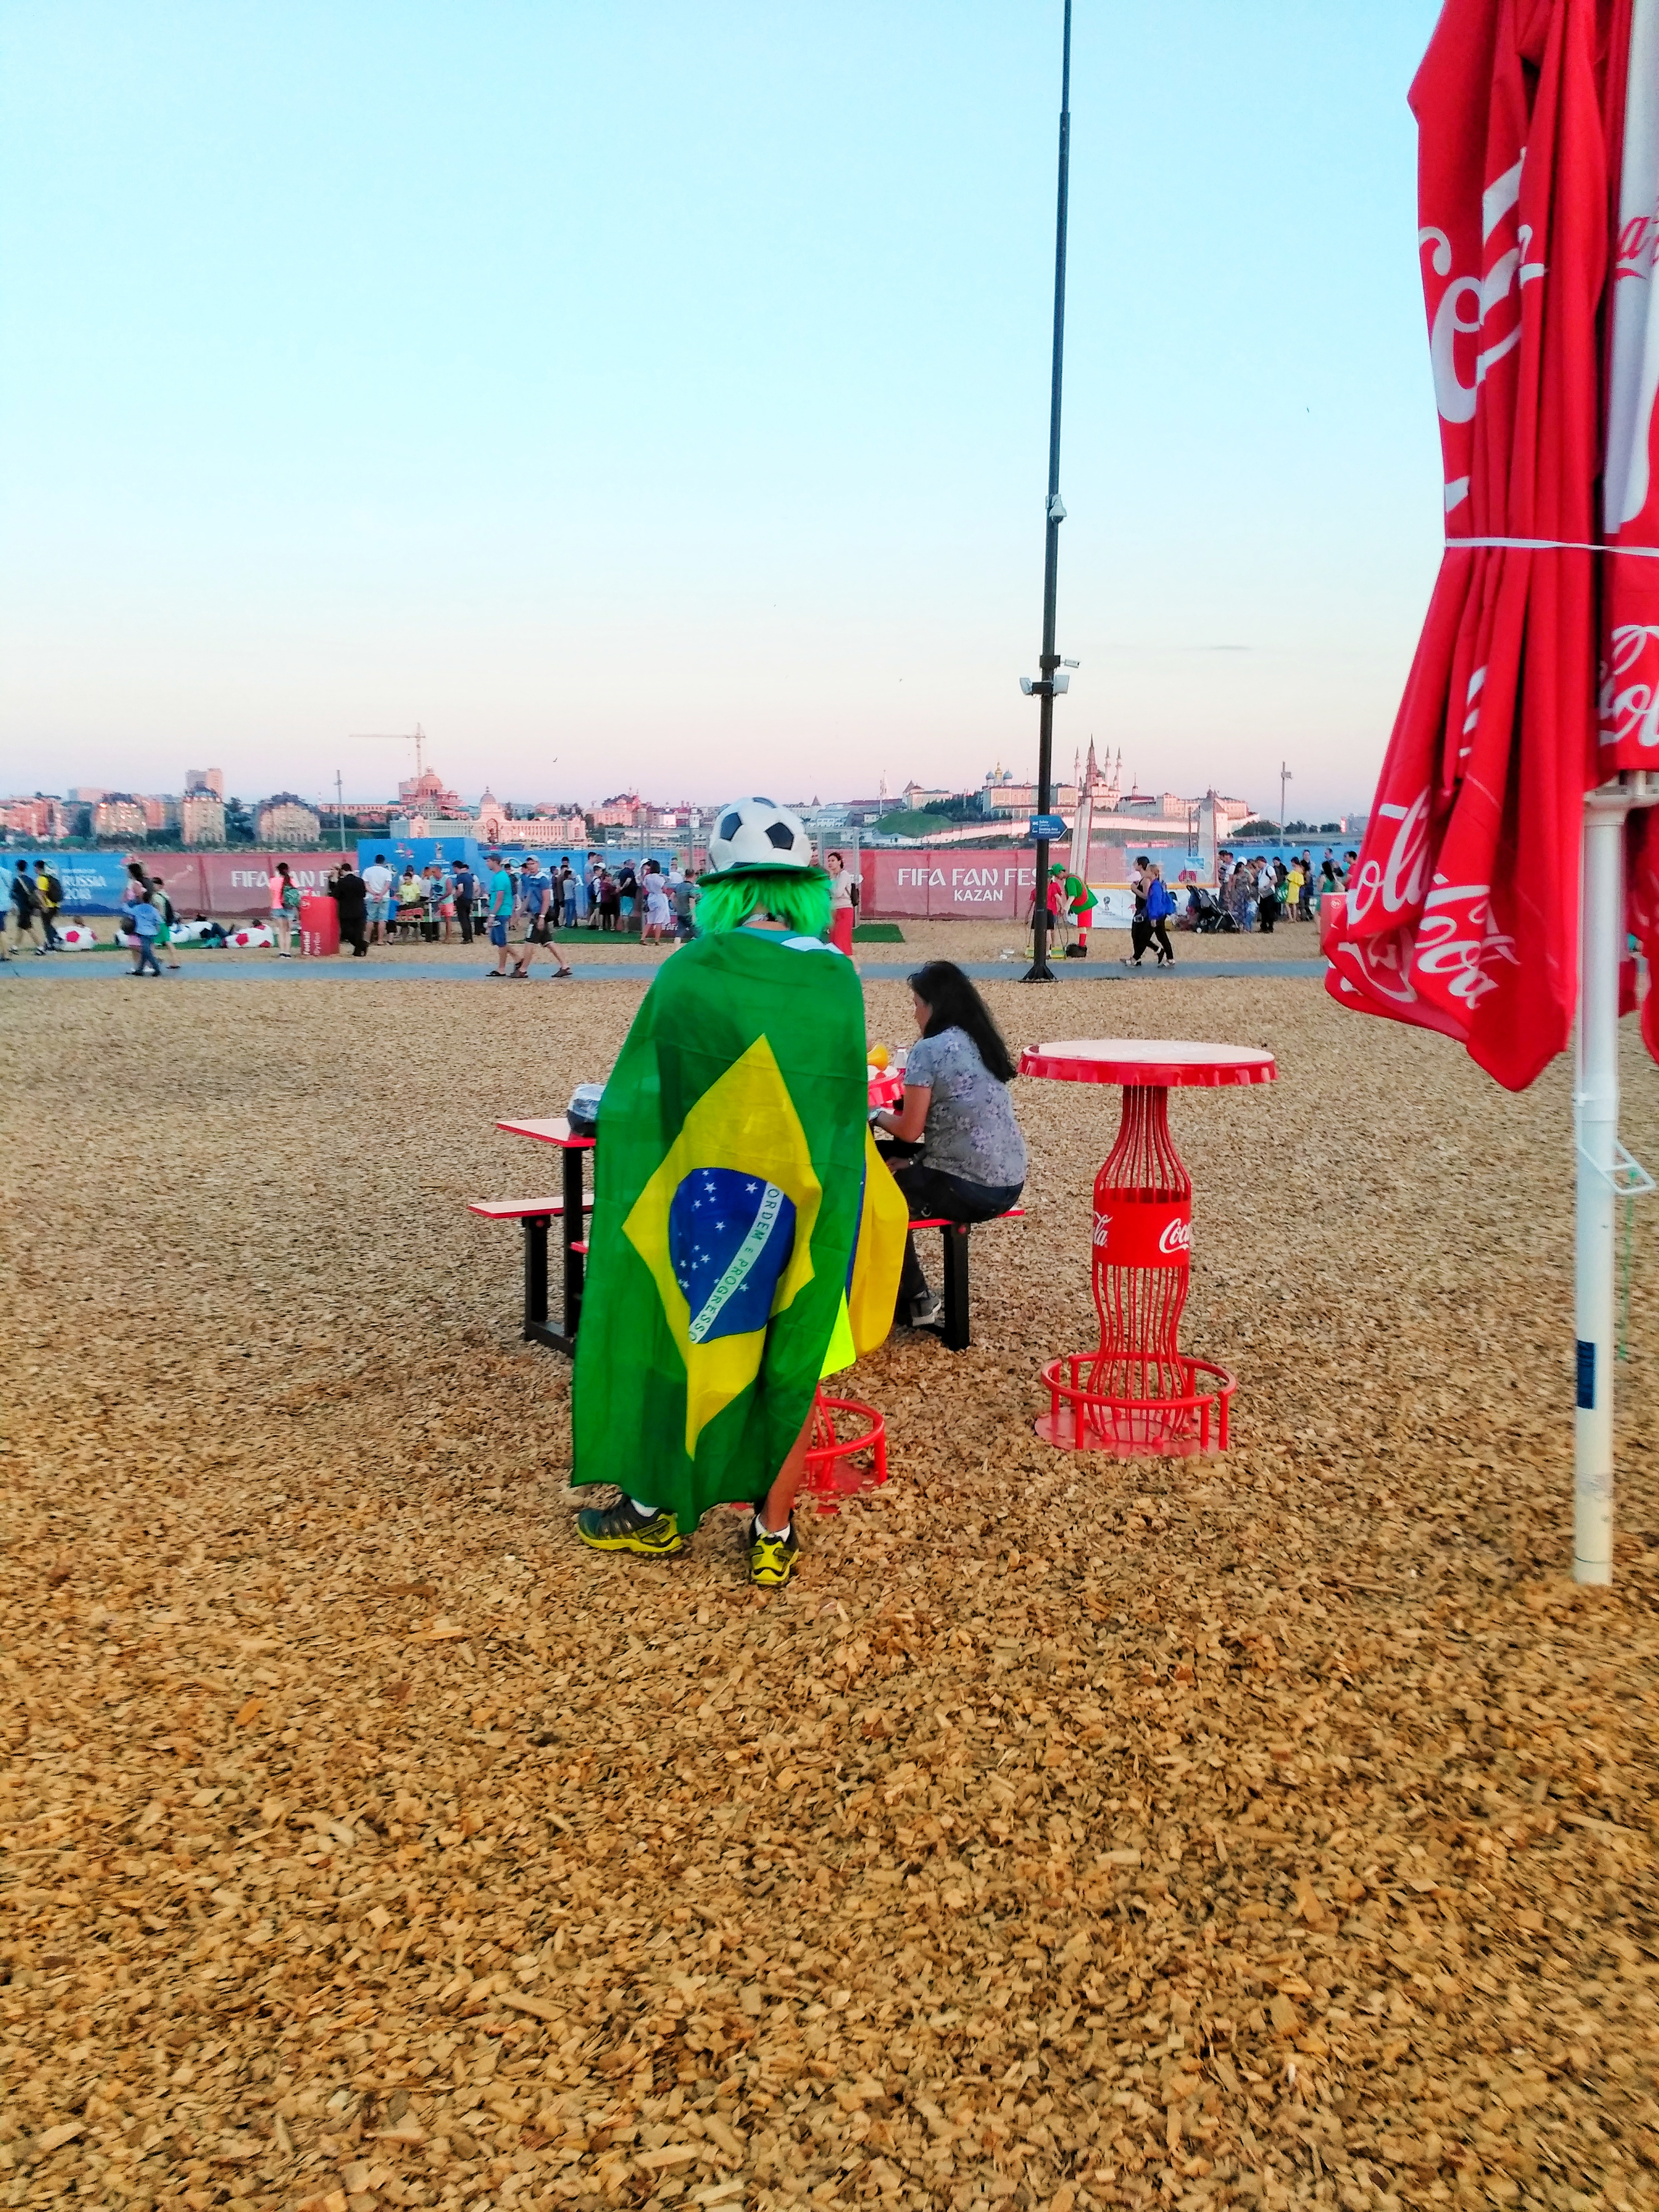 Brazilian fifa2018 fun, Brazilian fifa2018 fun